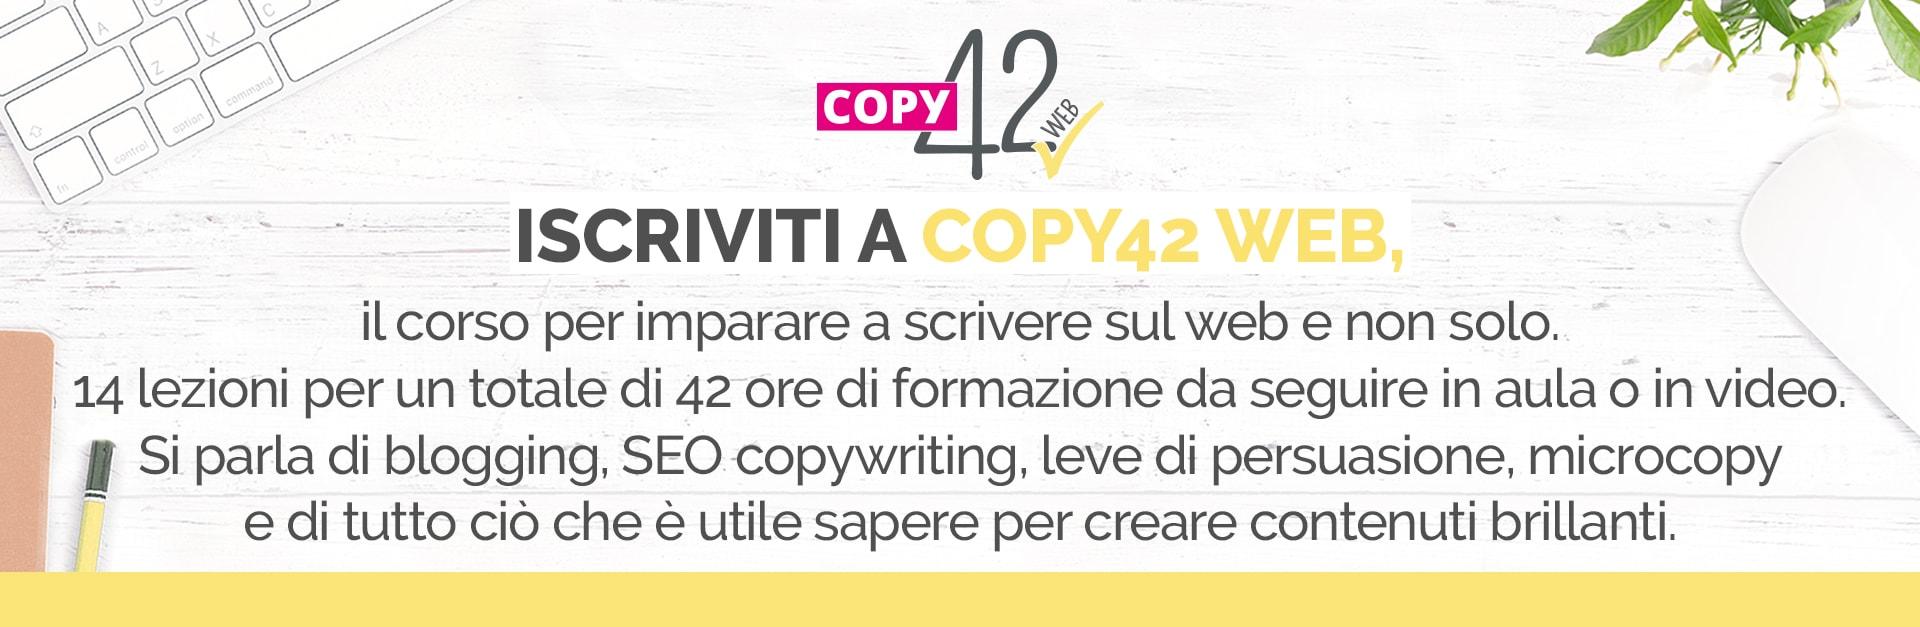 Copy42 WEB corso sul copywriting per imparare a scrivere per il web